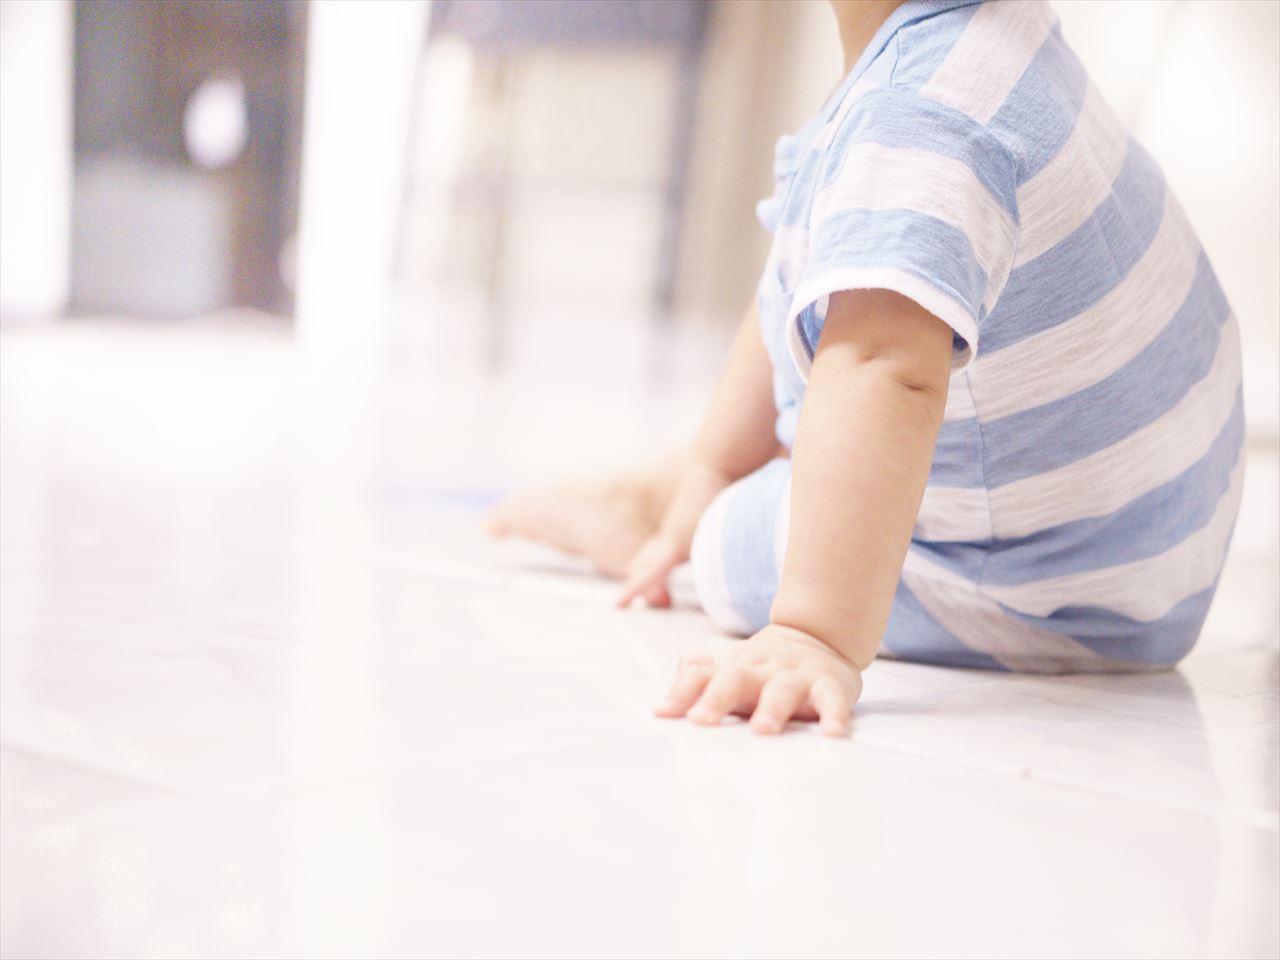 【子育て】妊娠37週に!いつ生まれてきてもいい時期に突入しました。